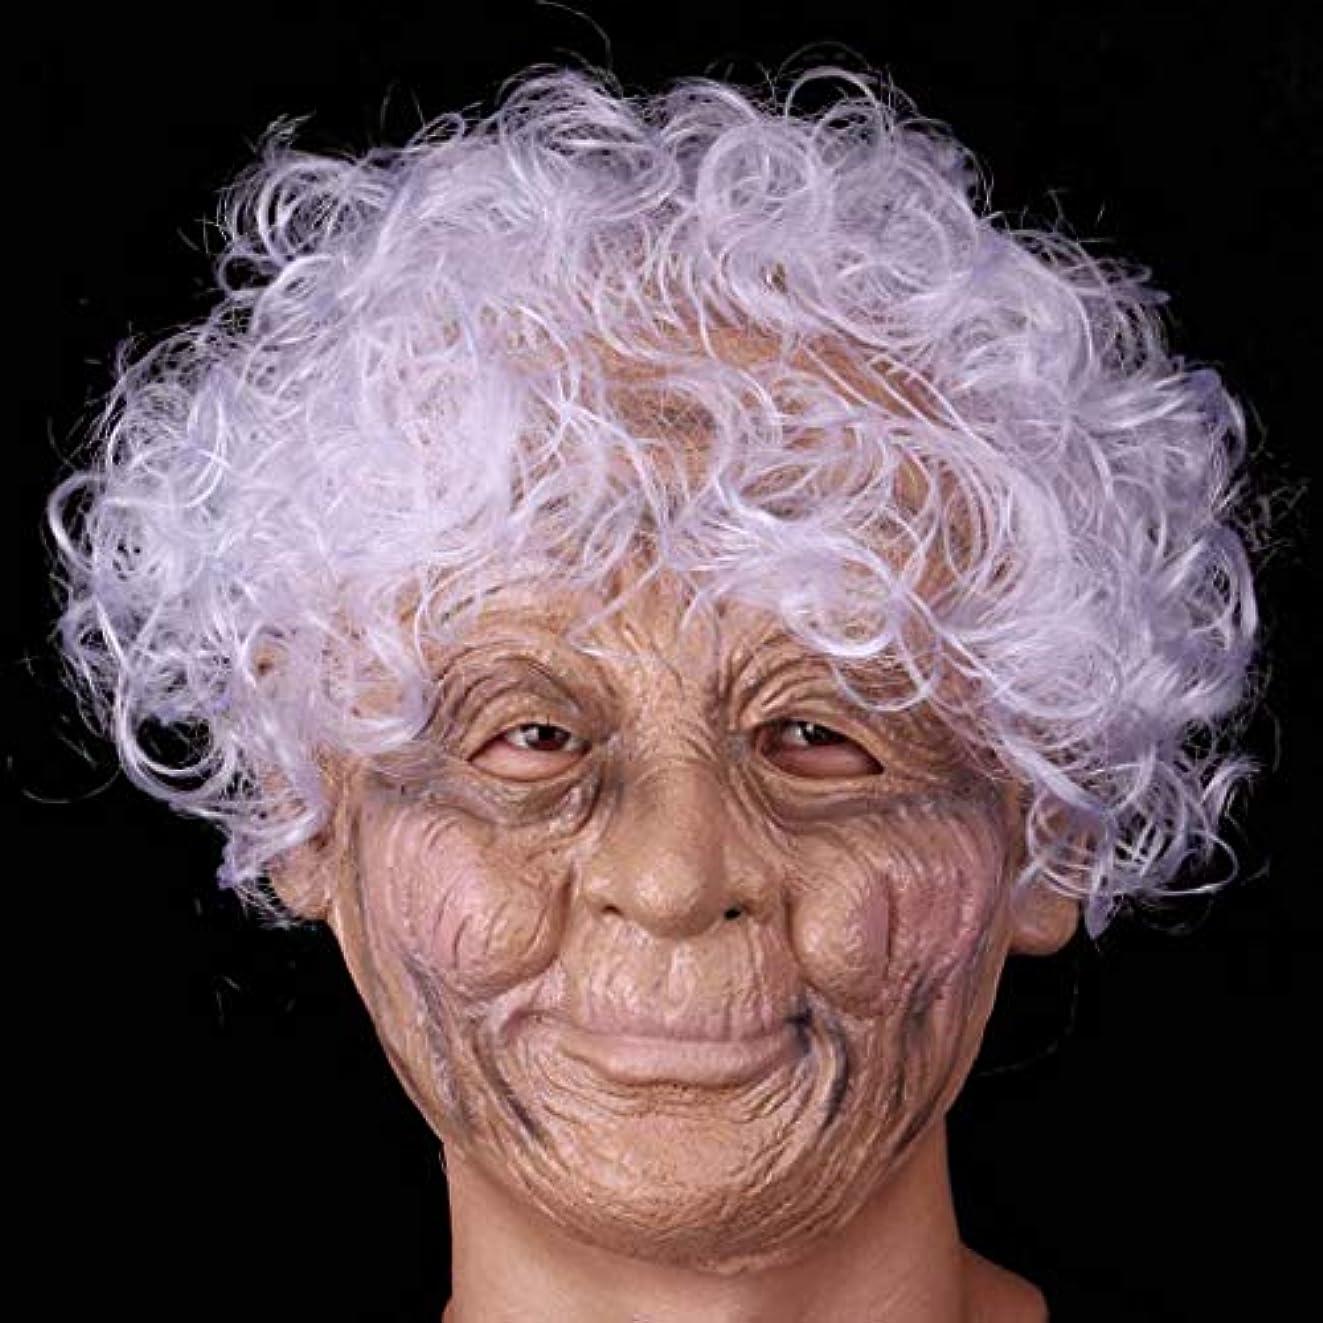 インフレーションコンテンポラリーおもしろいハロウィンラテックスフルフェイスマスクしわ魔女マスクおばあちゃんと白髪衣装プロップパーティーコスプレ